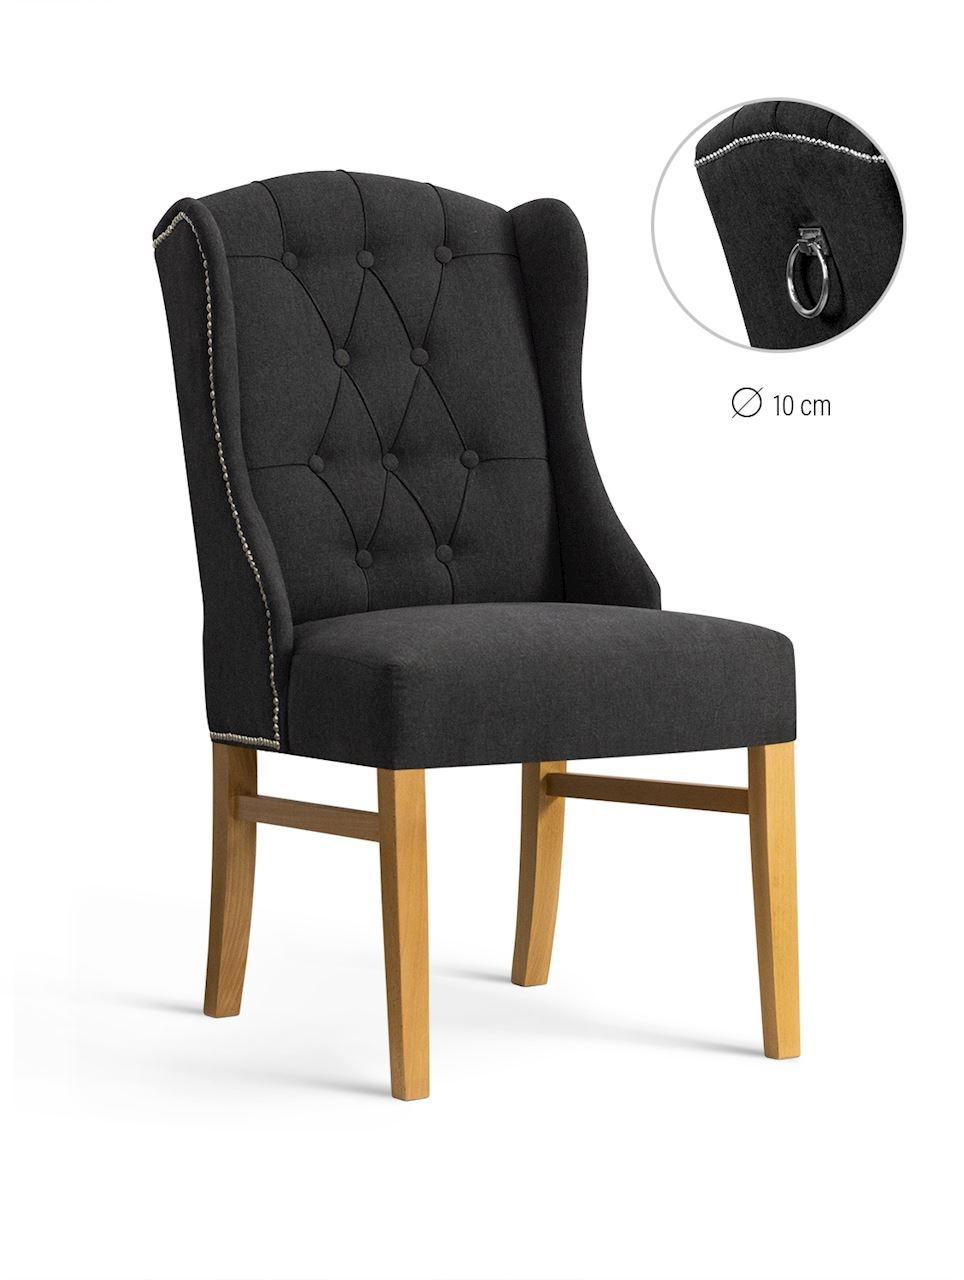 Scaun tapitat cu stofa, cu picioare din lemn Royal Graphite / Oak, l55xA74xH105 cm